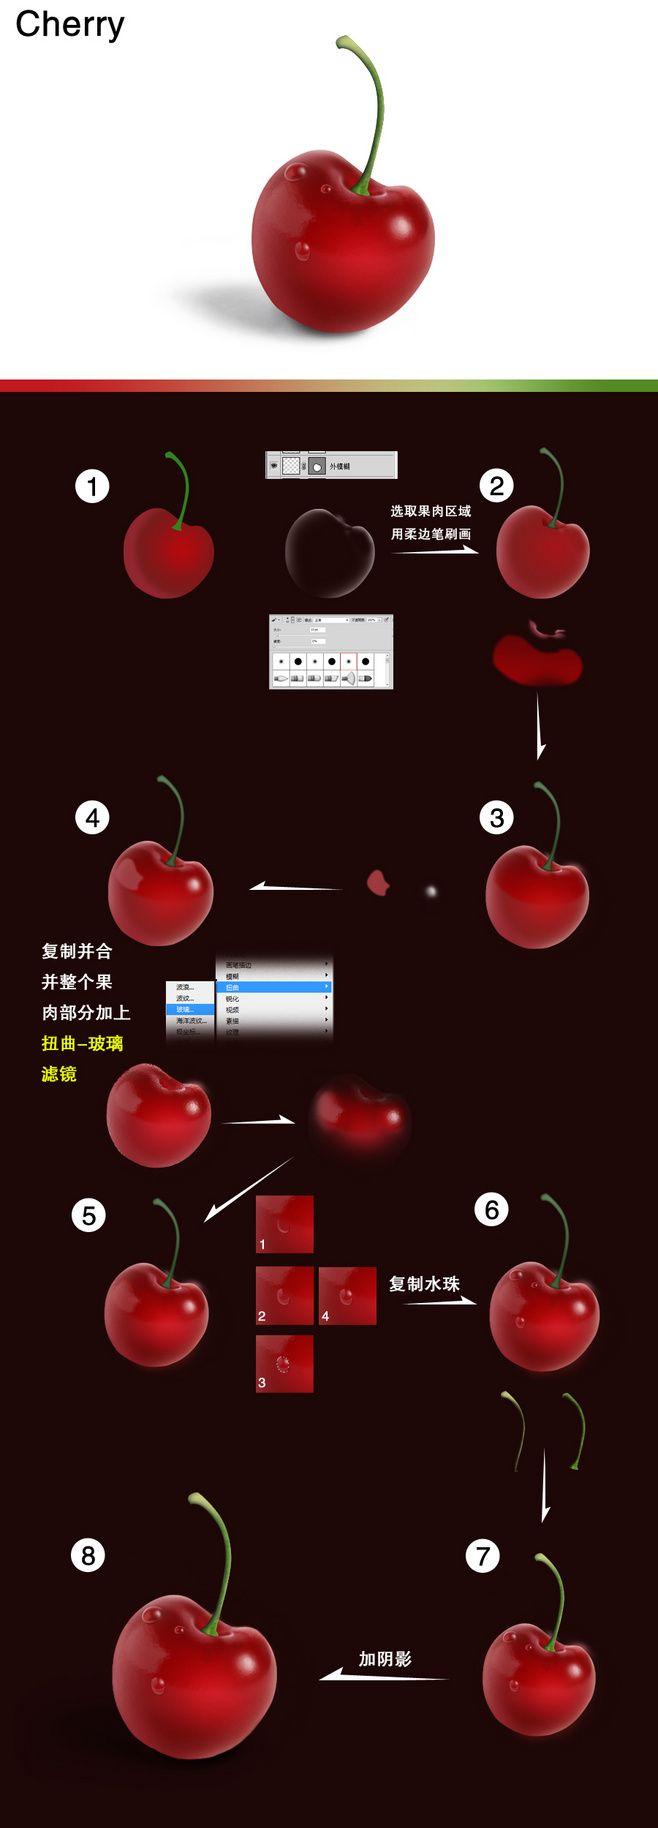 【教程】樱桃icon步骤分解 - 图形界...